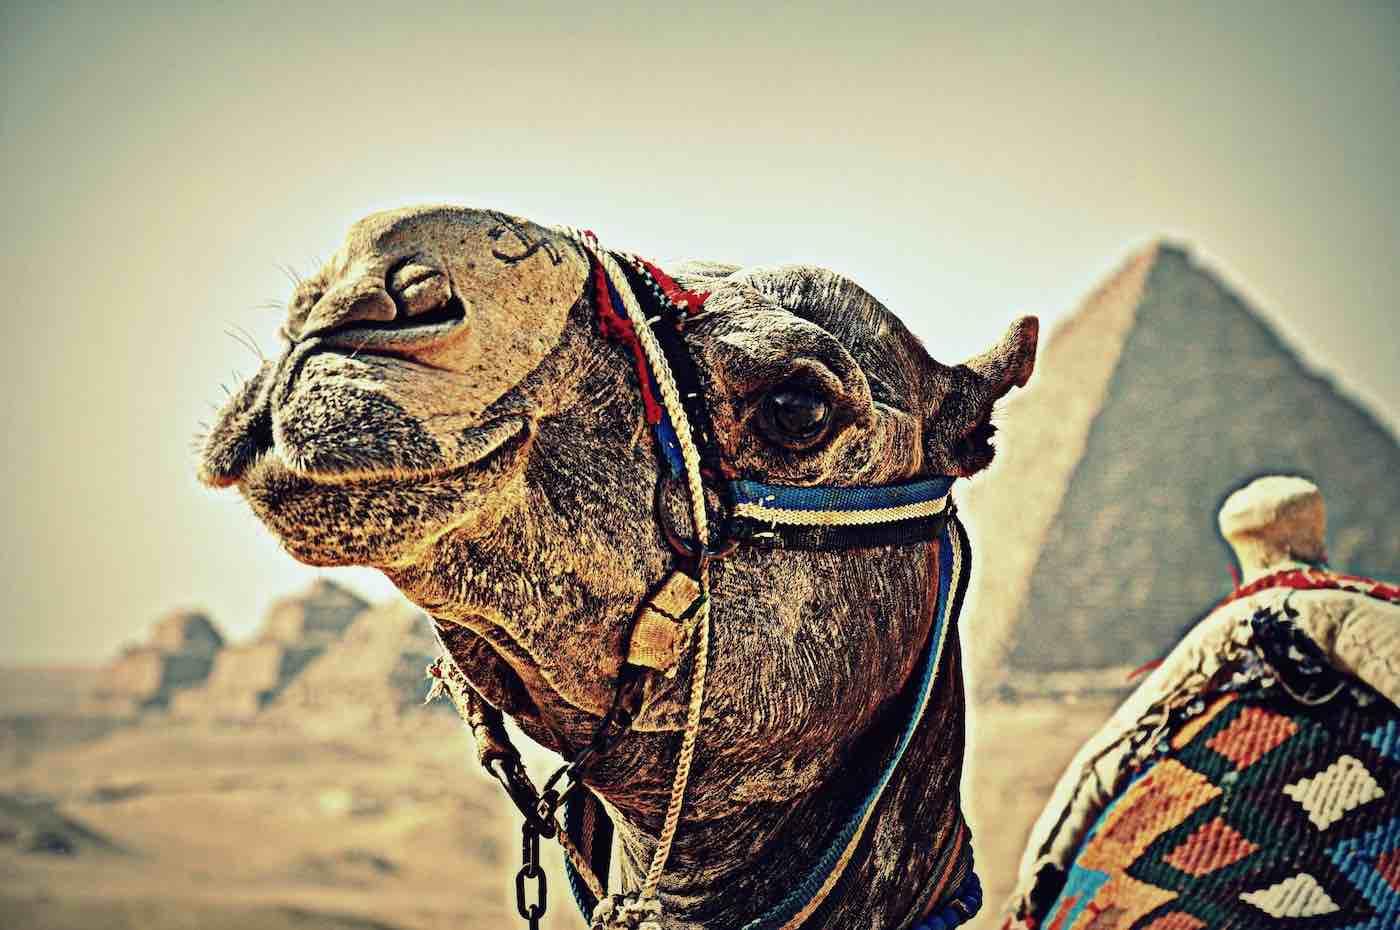 Reizen naar Egypte: Kameel en piramides